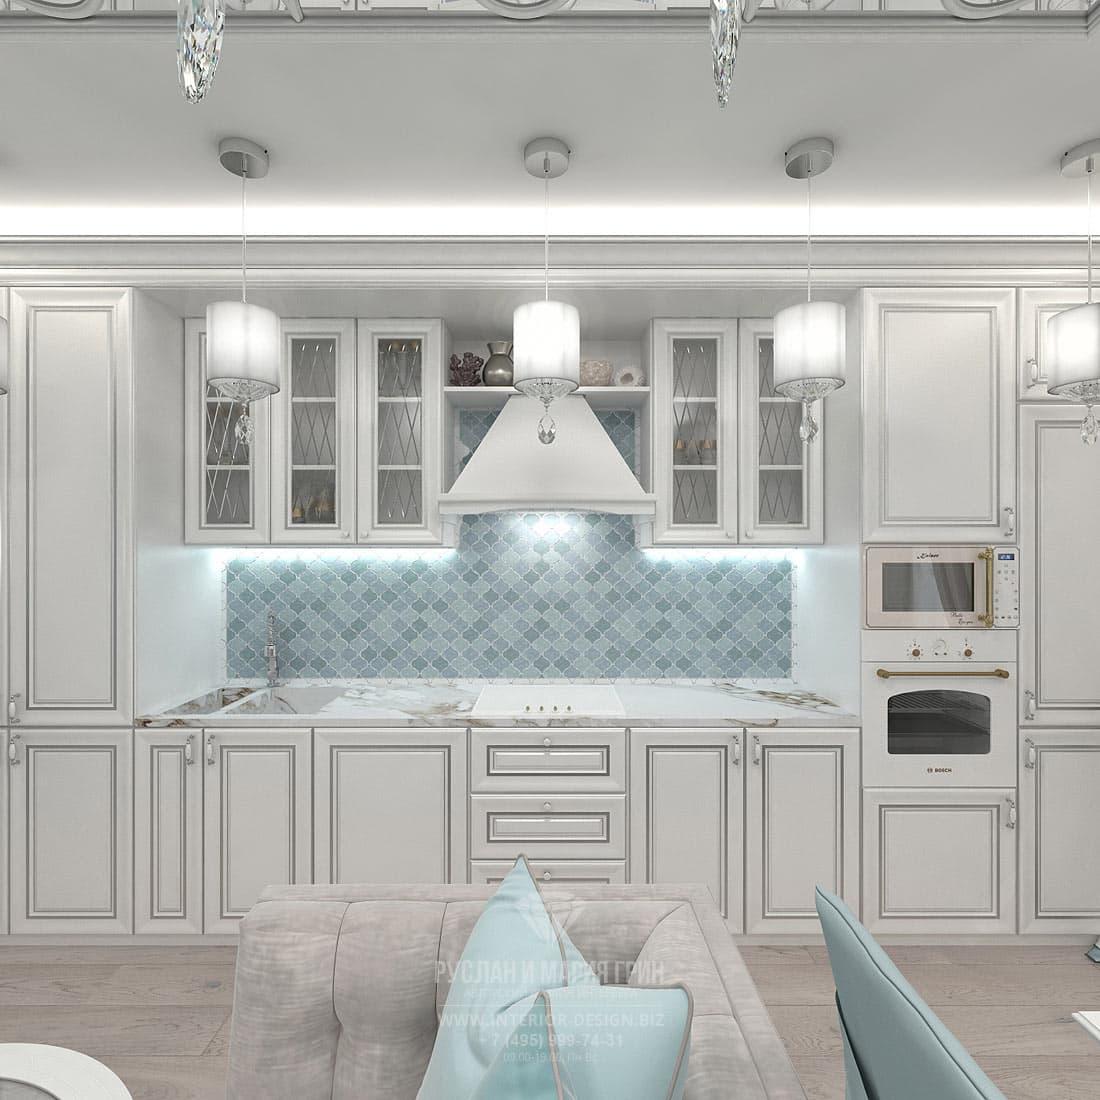 Современные идеи оформления интерьера кухни